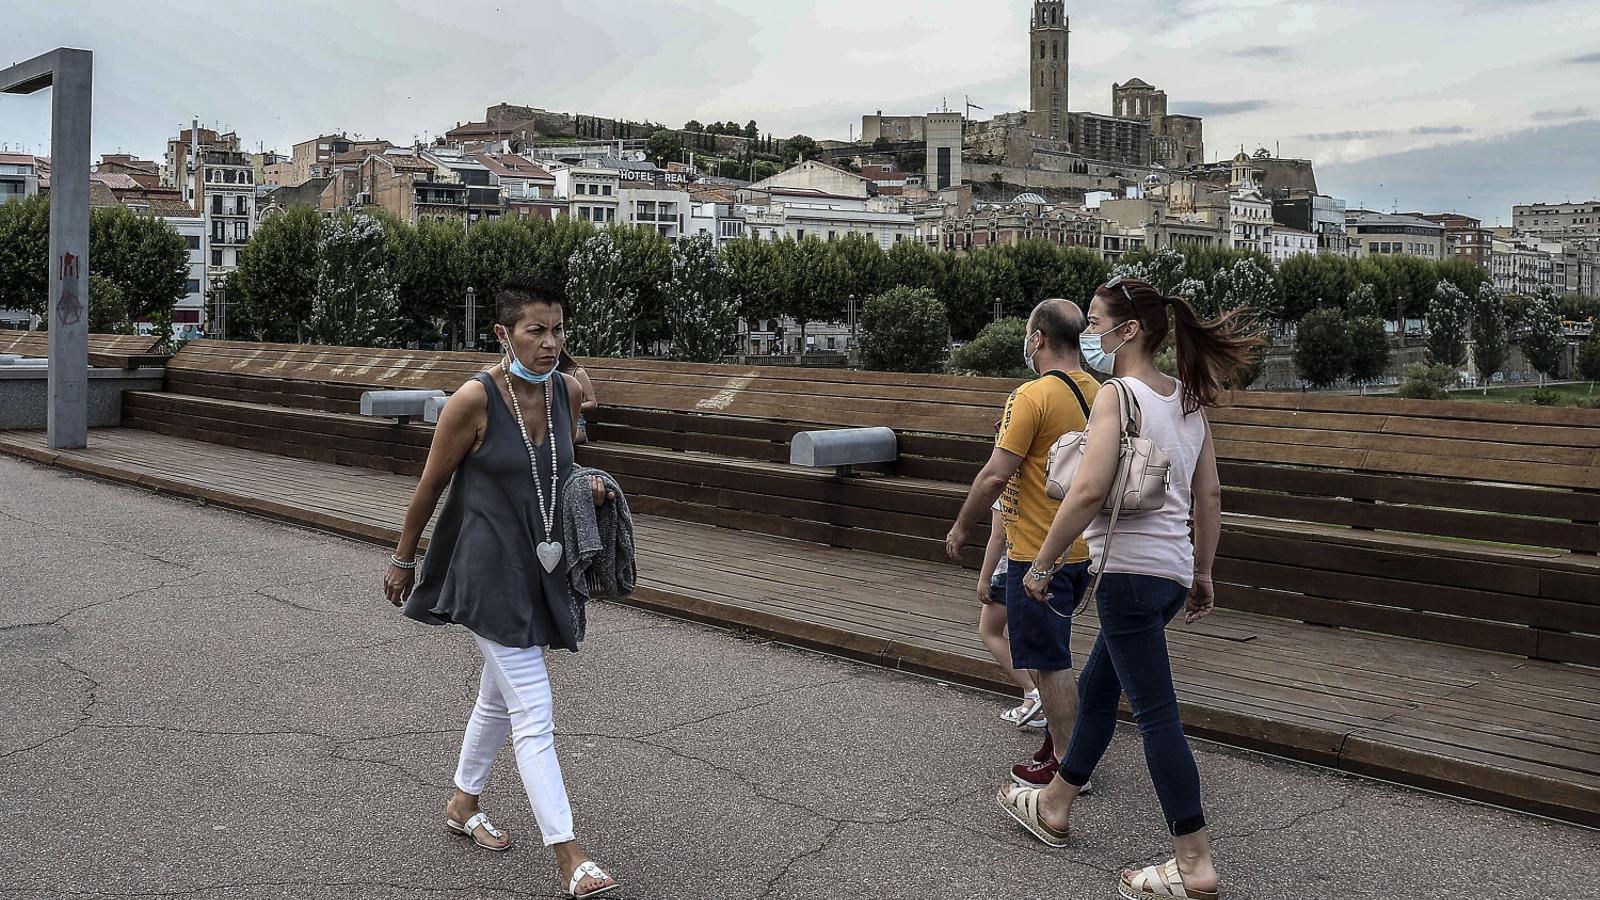 Veïns de Lleida caminant pel carrer, amb la Seu Vella al fons.